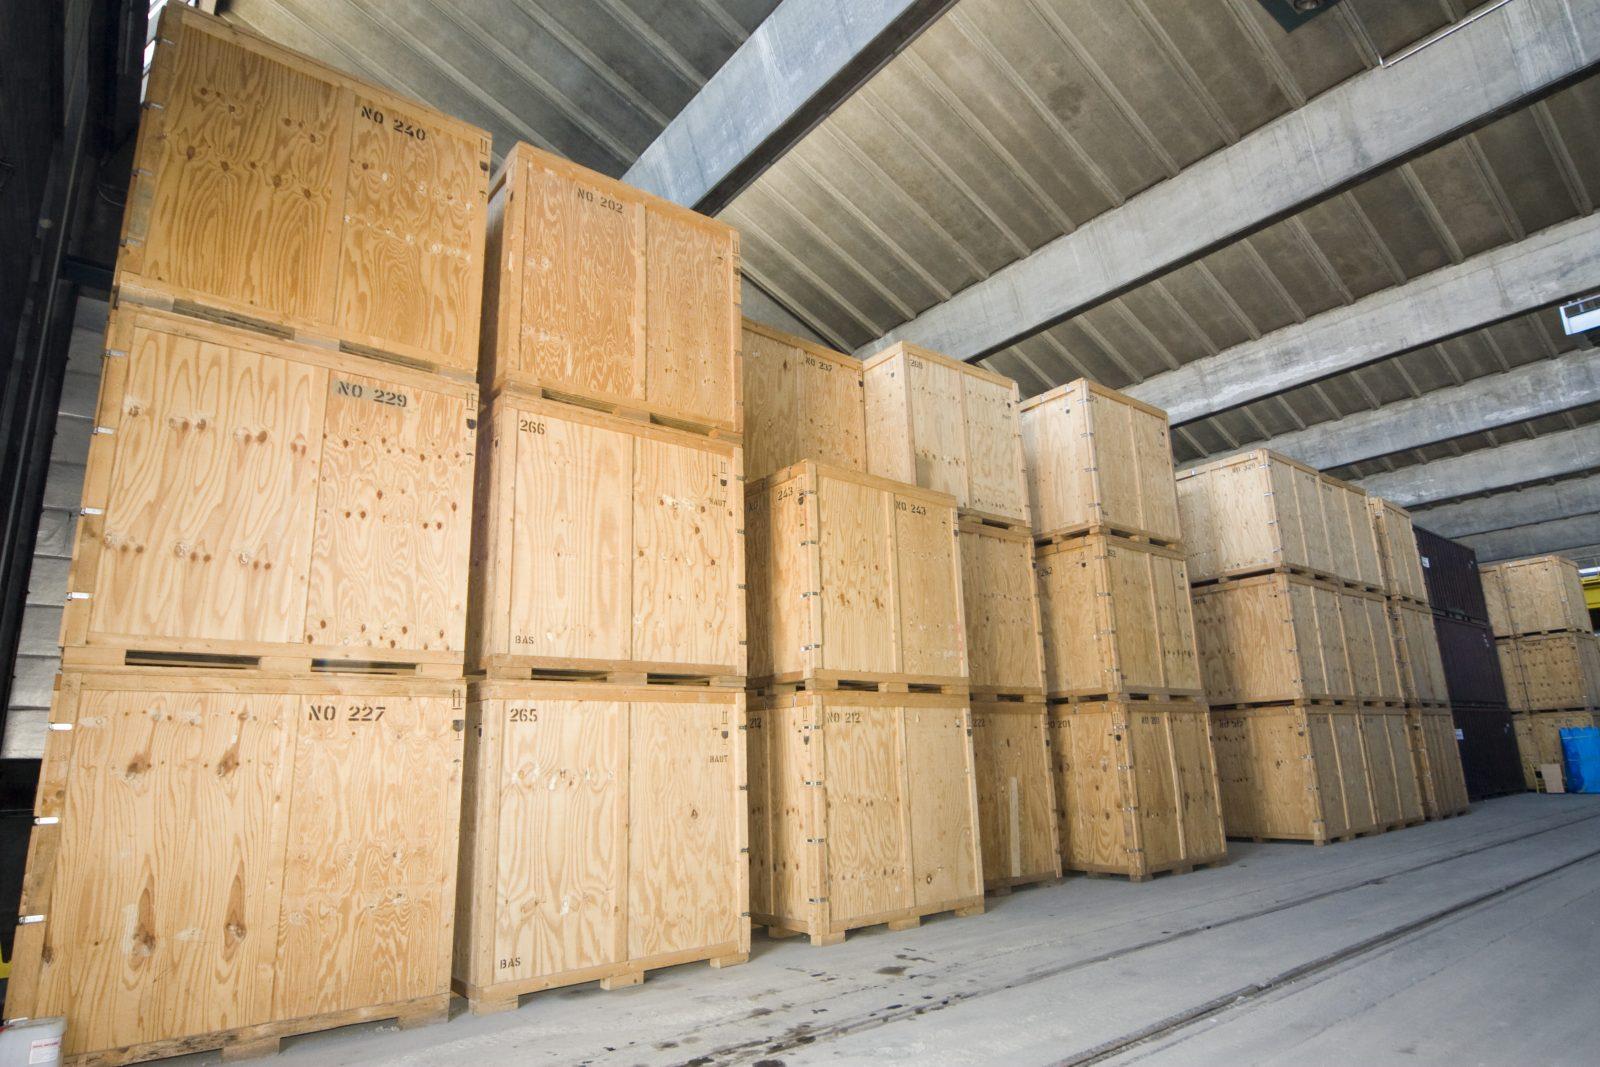 Soci t suisse de d m nagement stockage et garde meubles for Garde meuble geneve